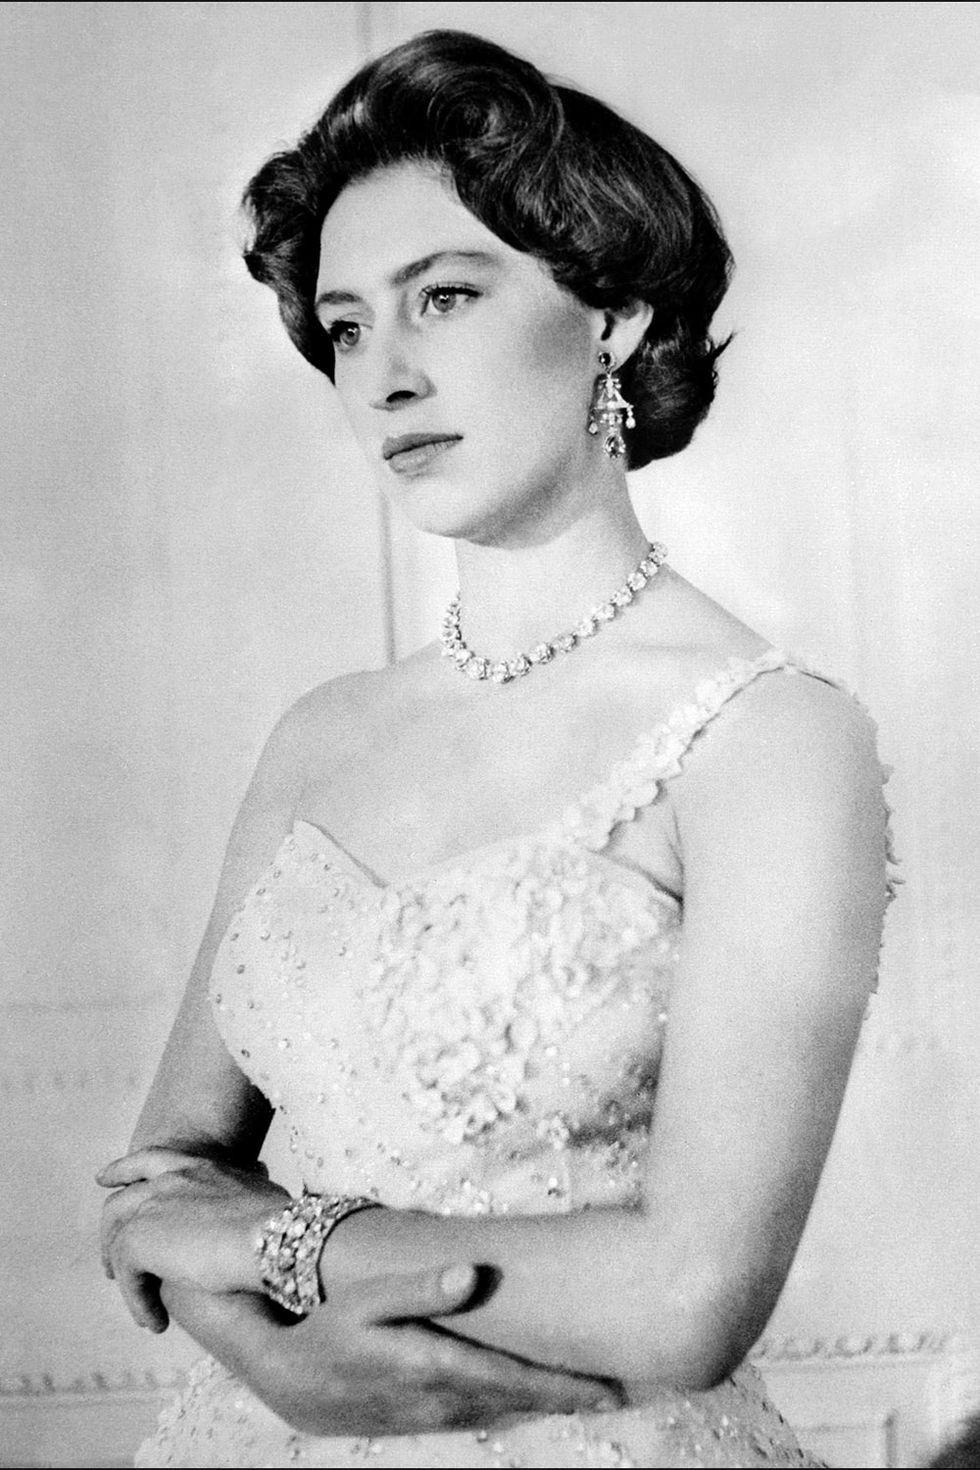 15 kiểu tóc ấn tượng của các người đẹp Hoàng gia: kiểu nào cũng hoàn hảo tựa như một tuyệt phẩm  - Ảnh 6.